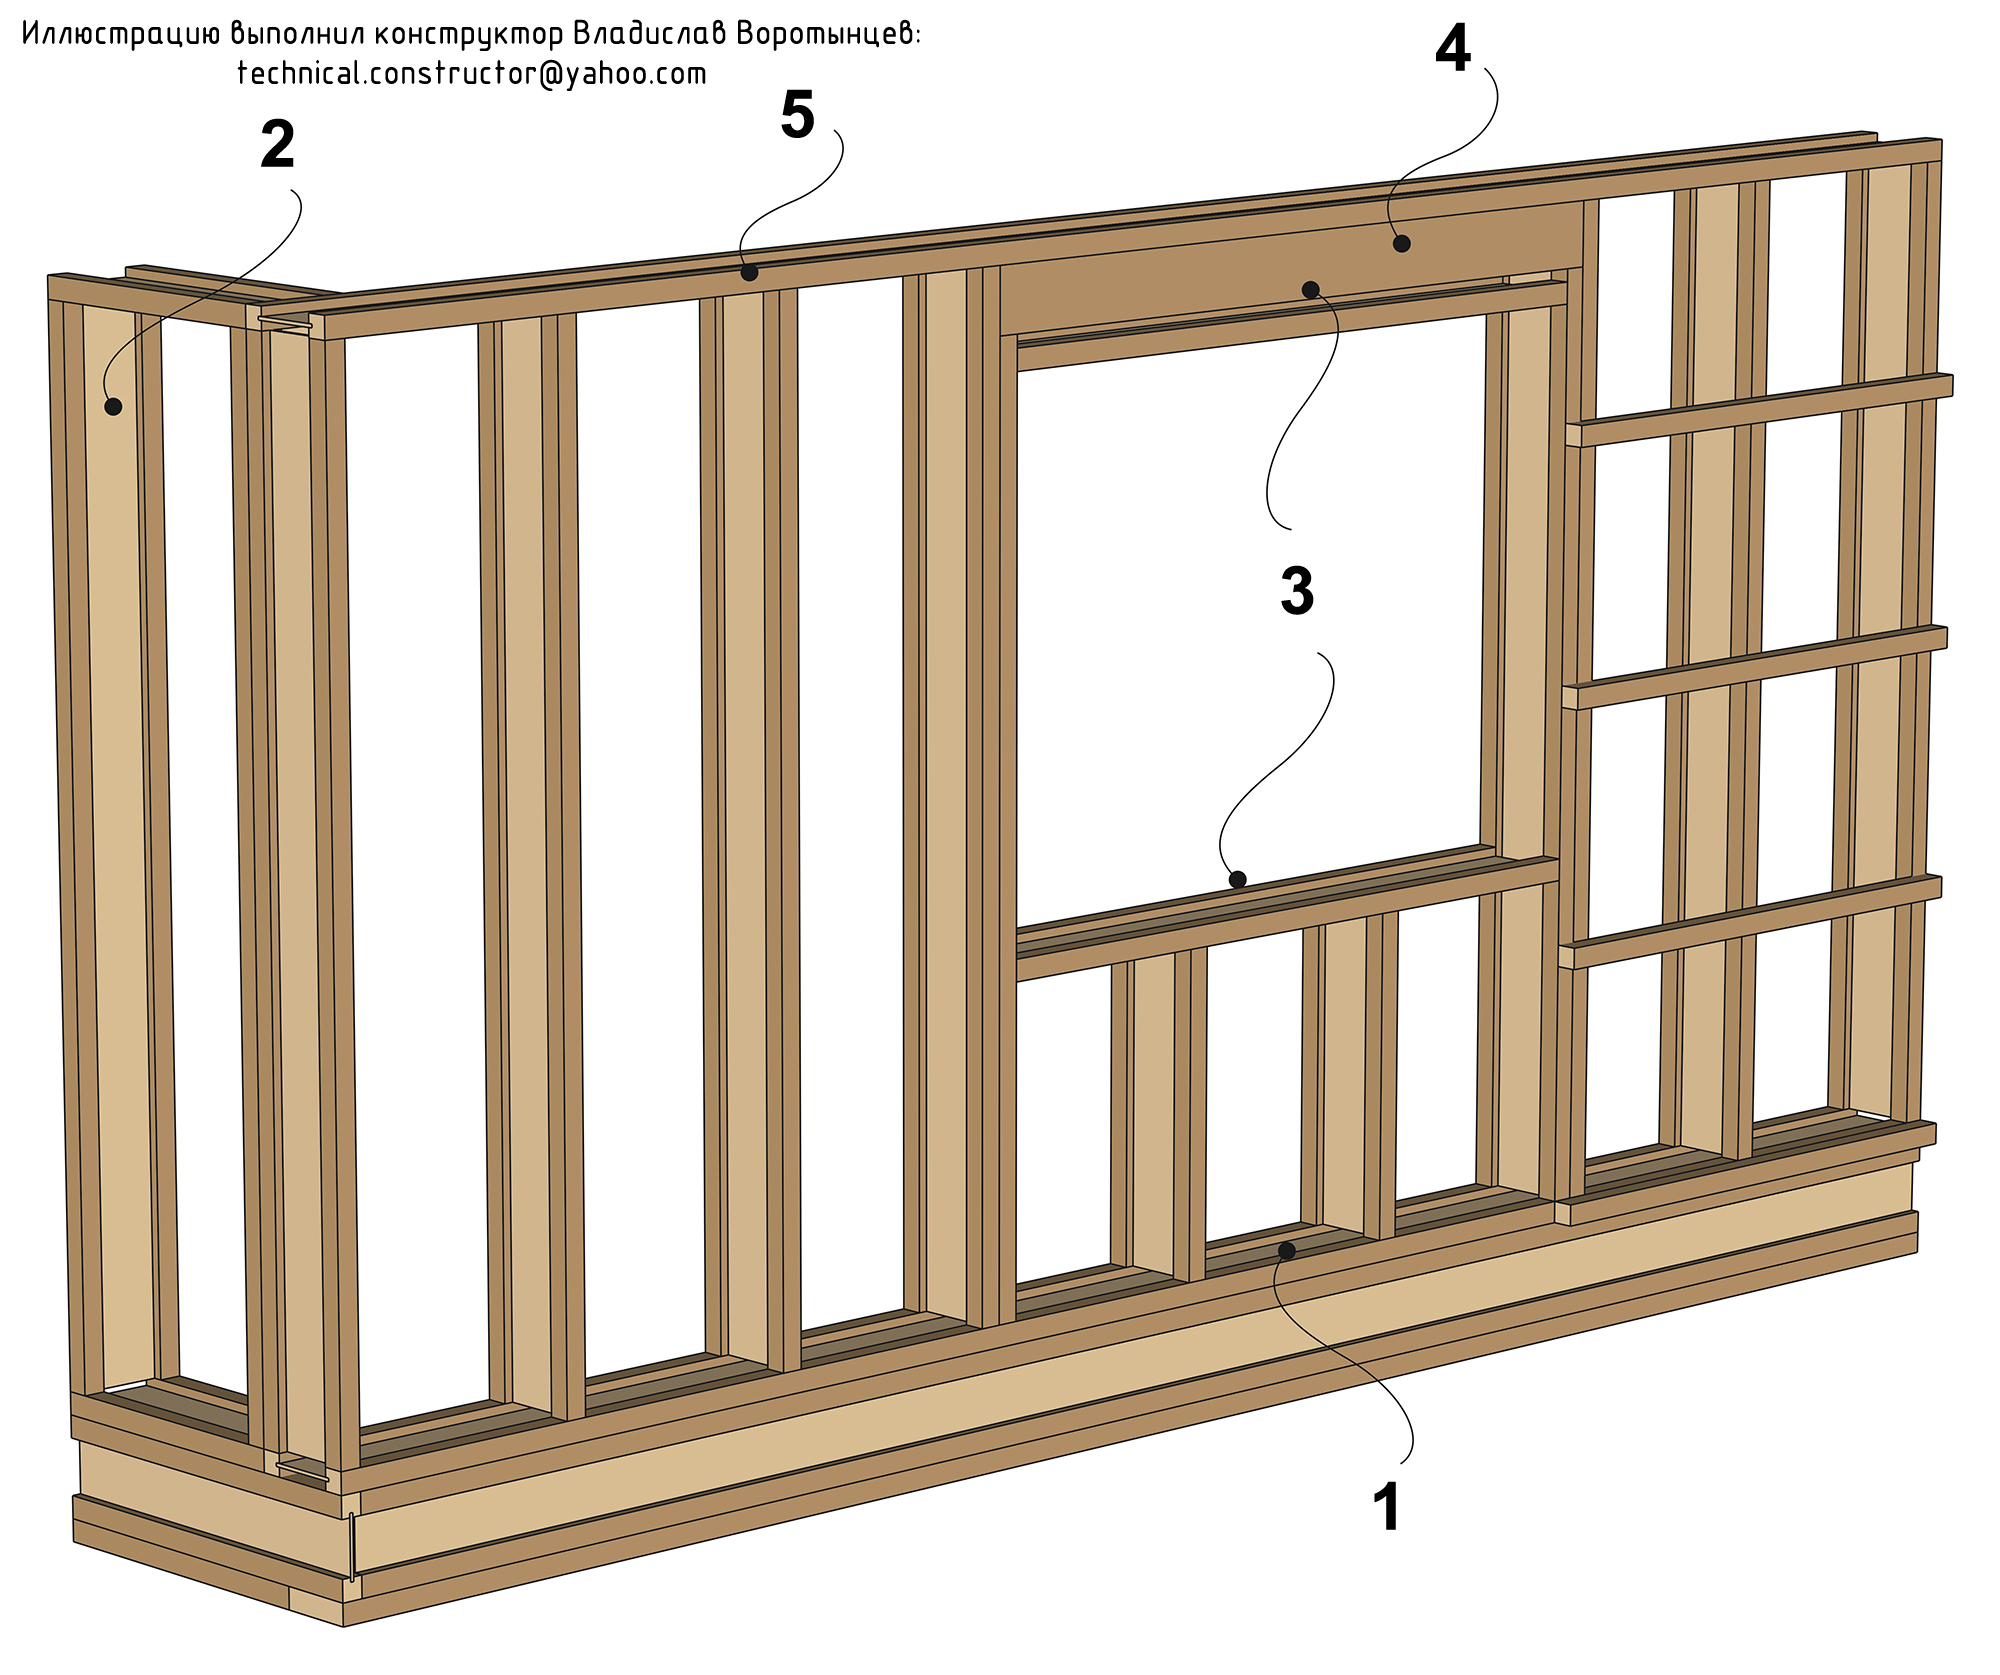 Каркасные стены деревянного дома из двутавровых профилей. Каркасные стены из стальных и двутавровых профилей